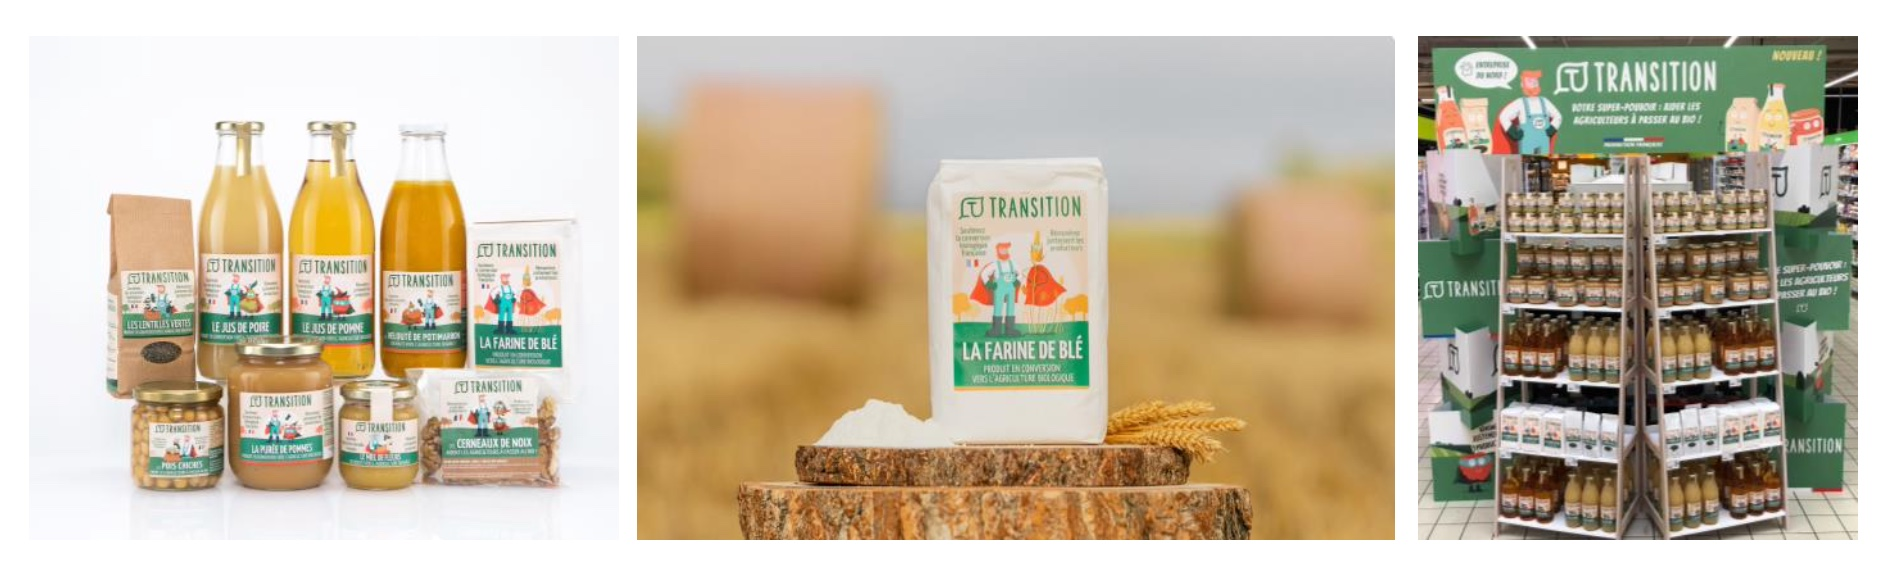 Capture decran 2021 09 15 a 22.21.47 - Transition, la nouvelle marque alimentaire qui aide les agriculteurs à passer au bio !